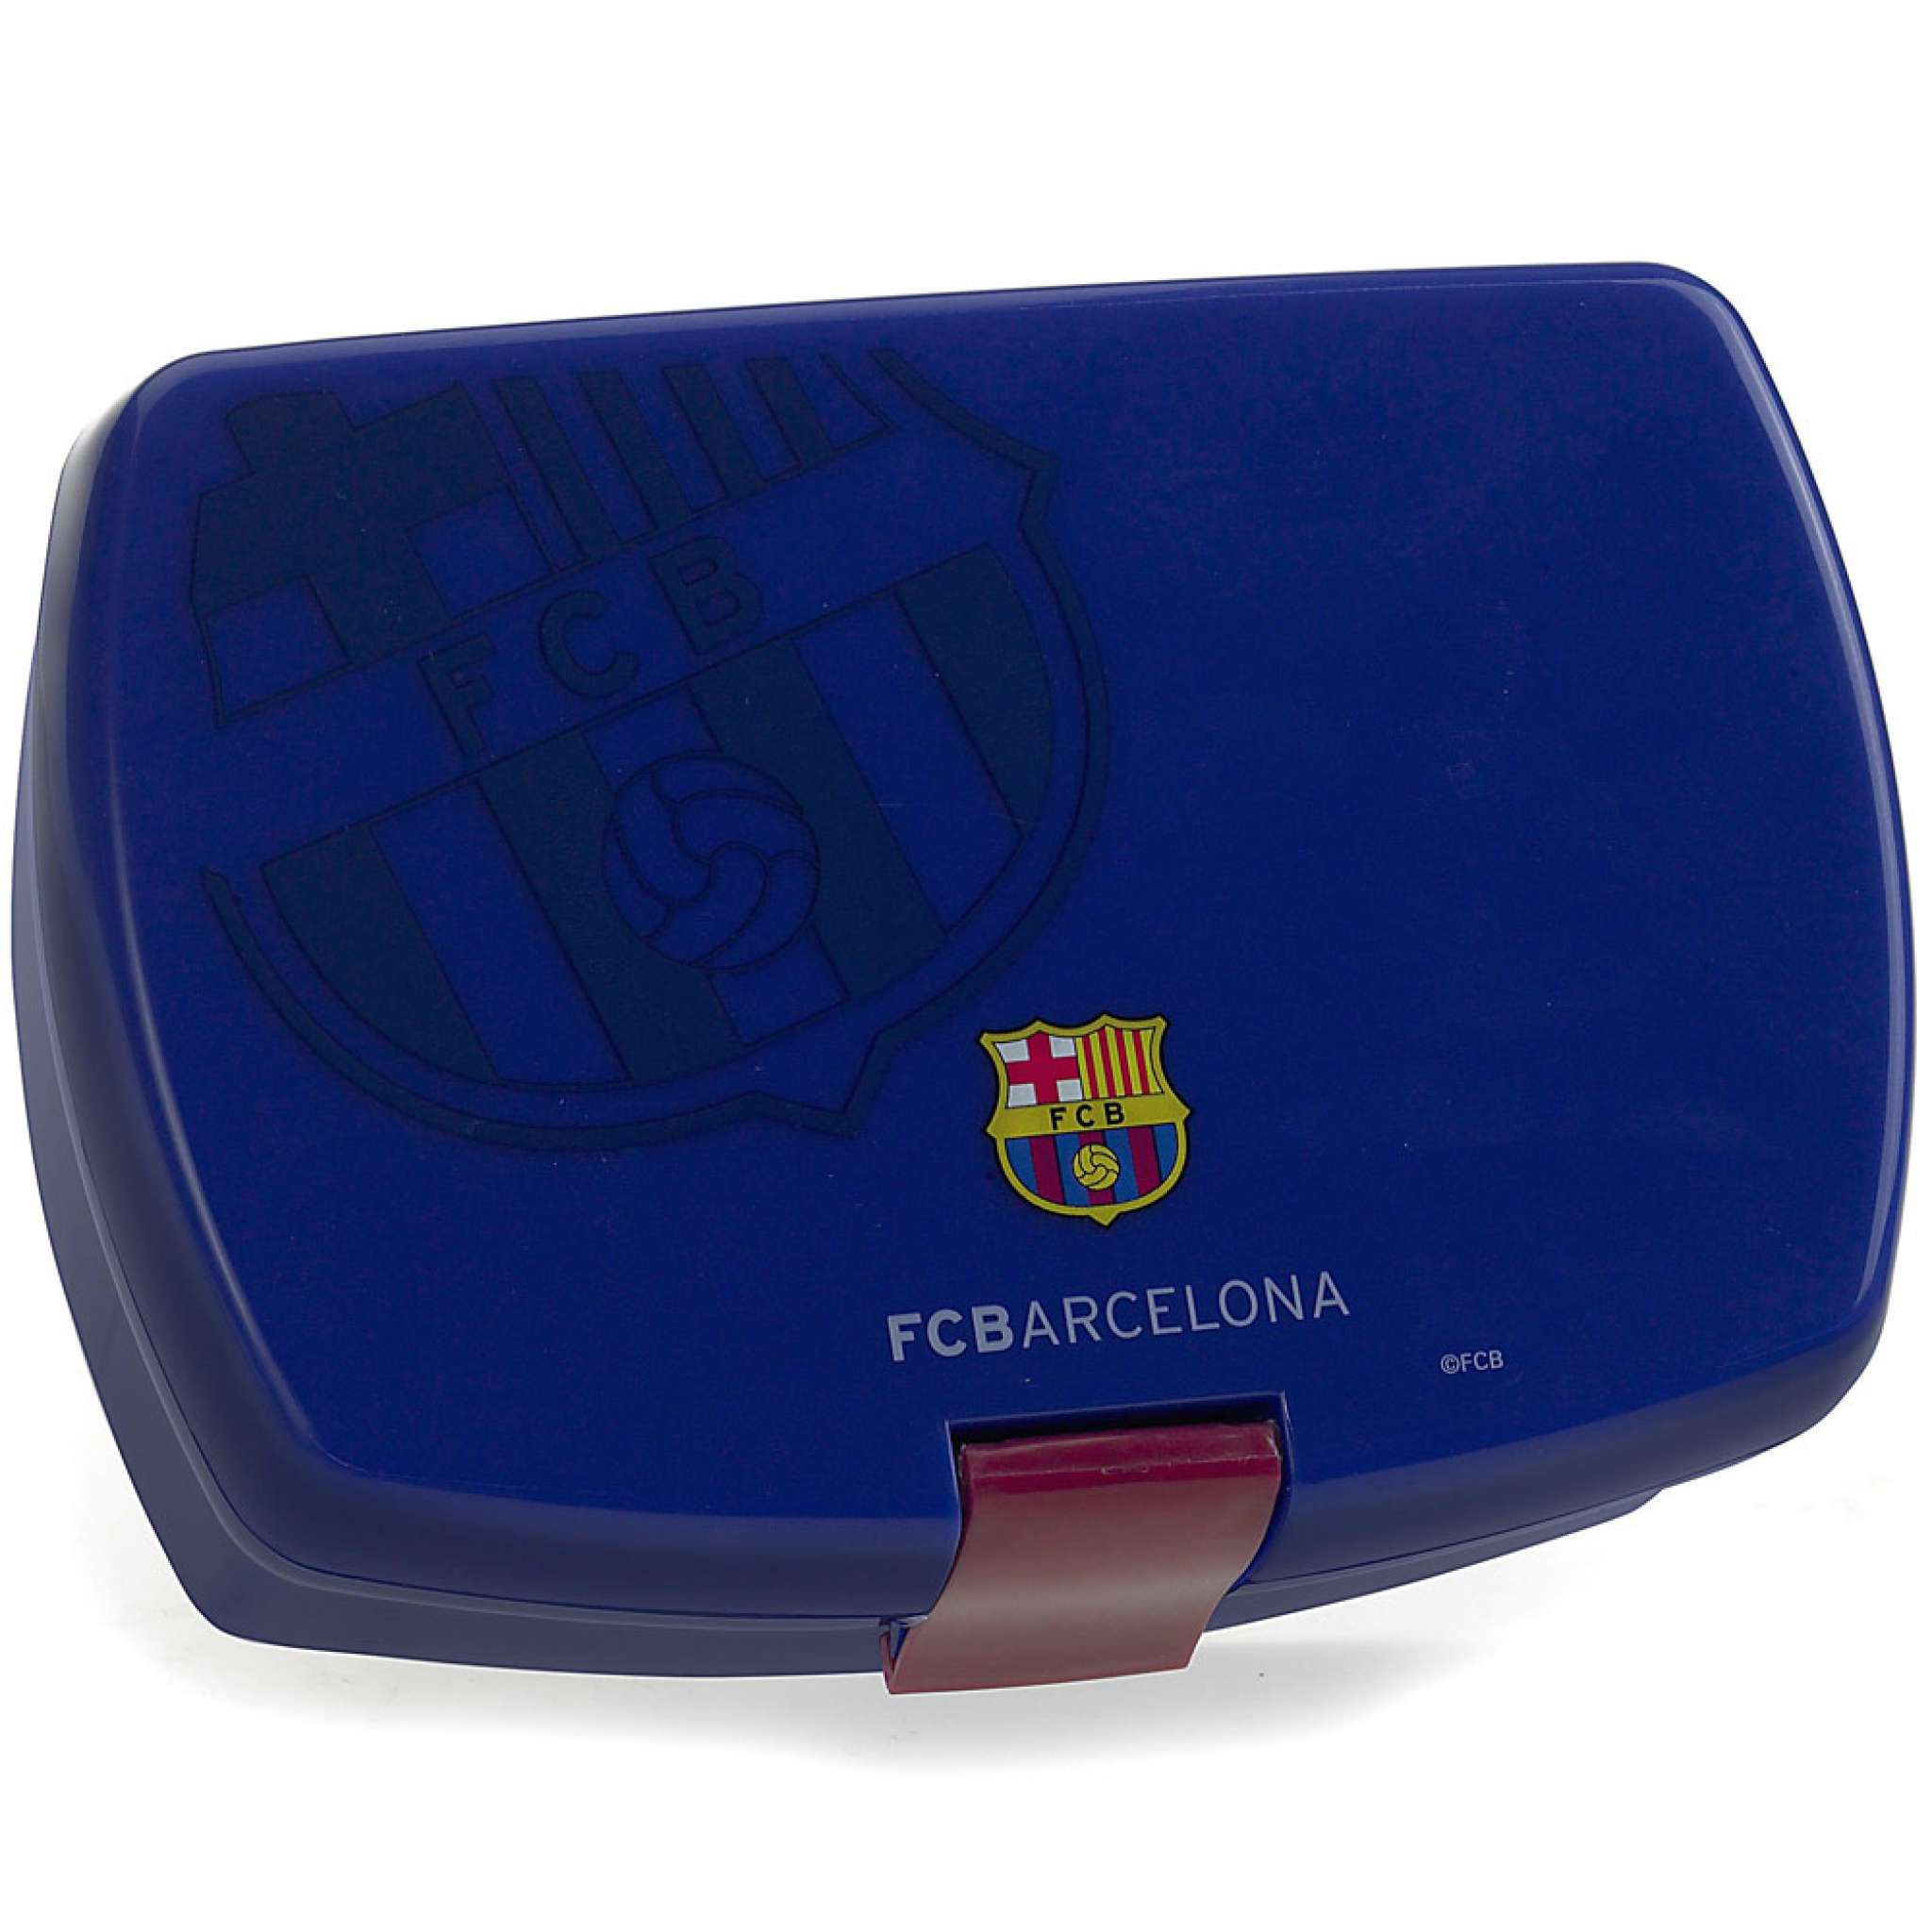 Brotdose, FC Barcelona